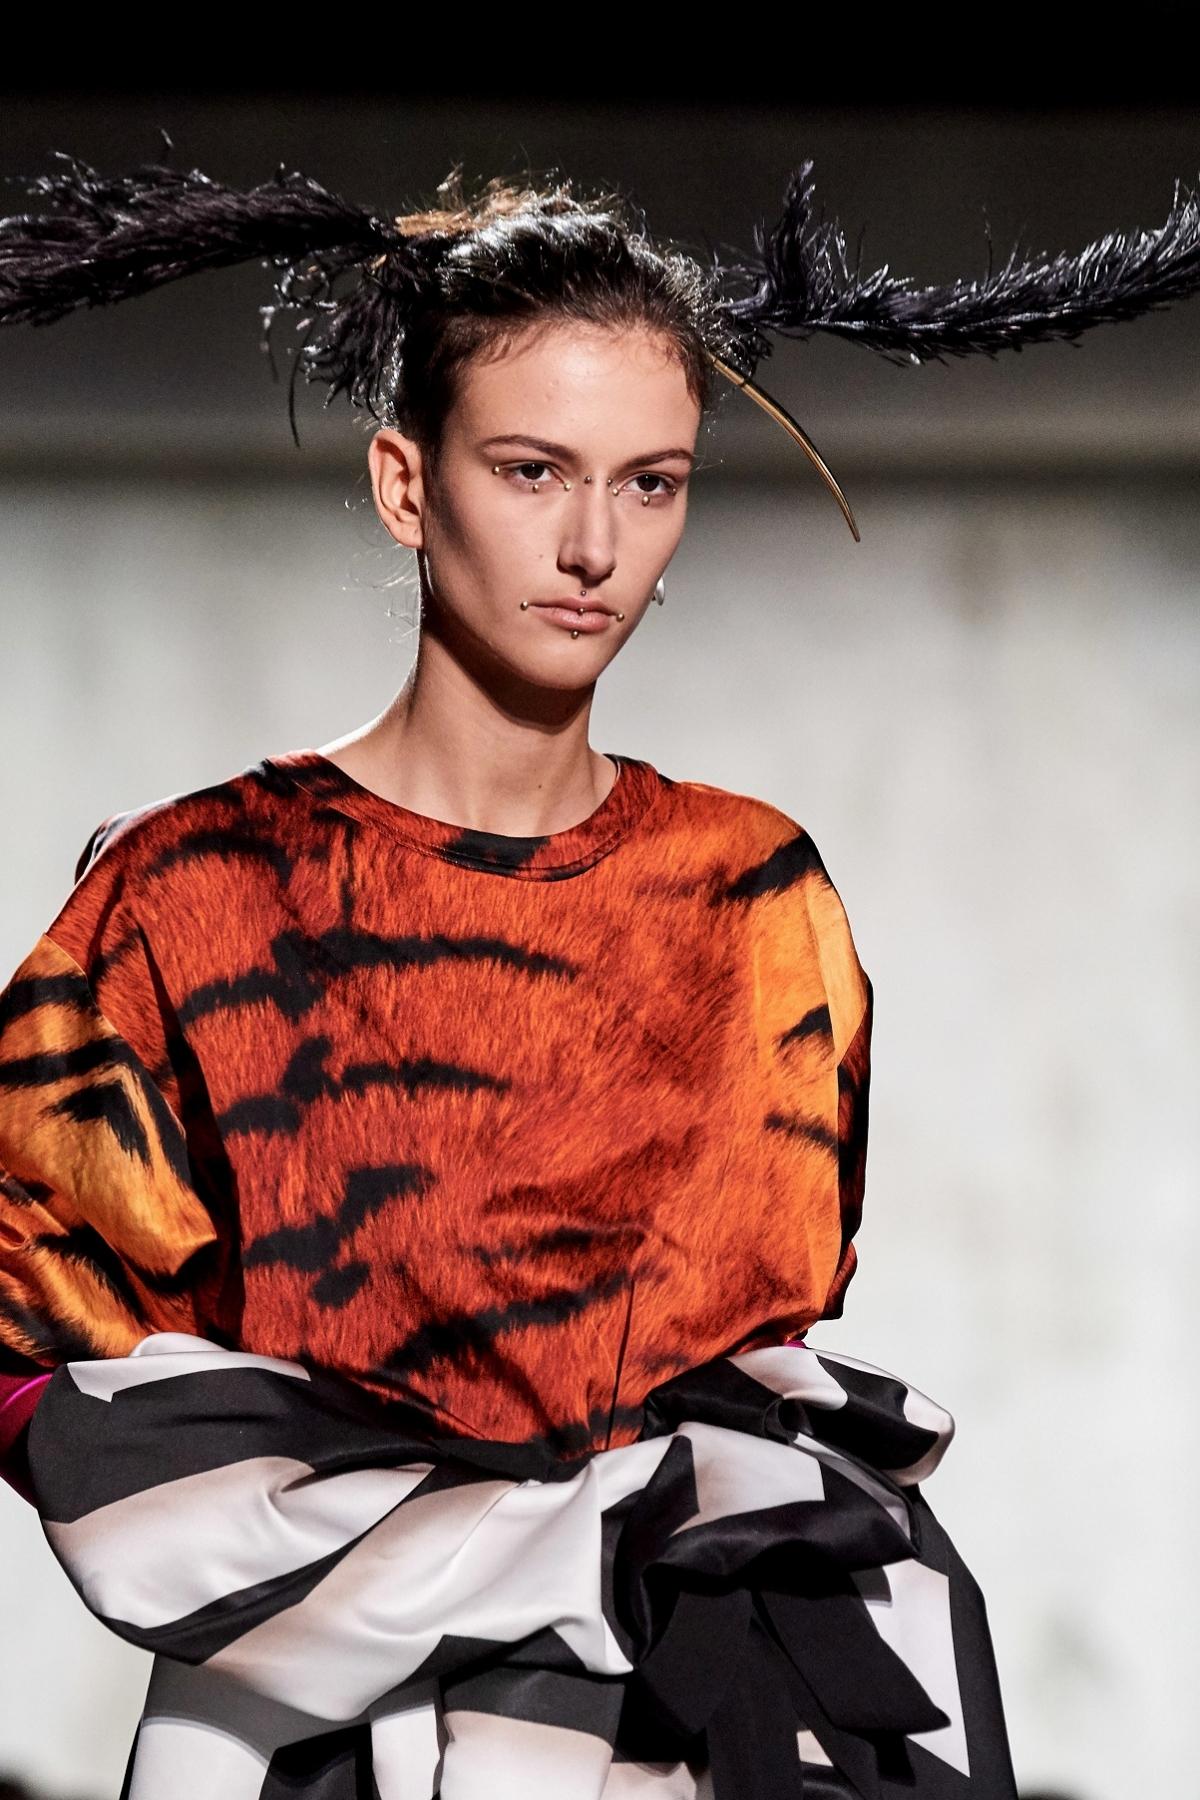 Dries Van Noten Spring/Summer 2020 Ready-to-Wear